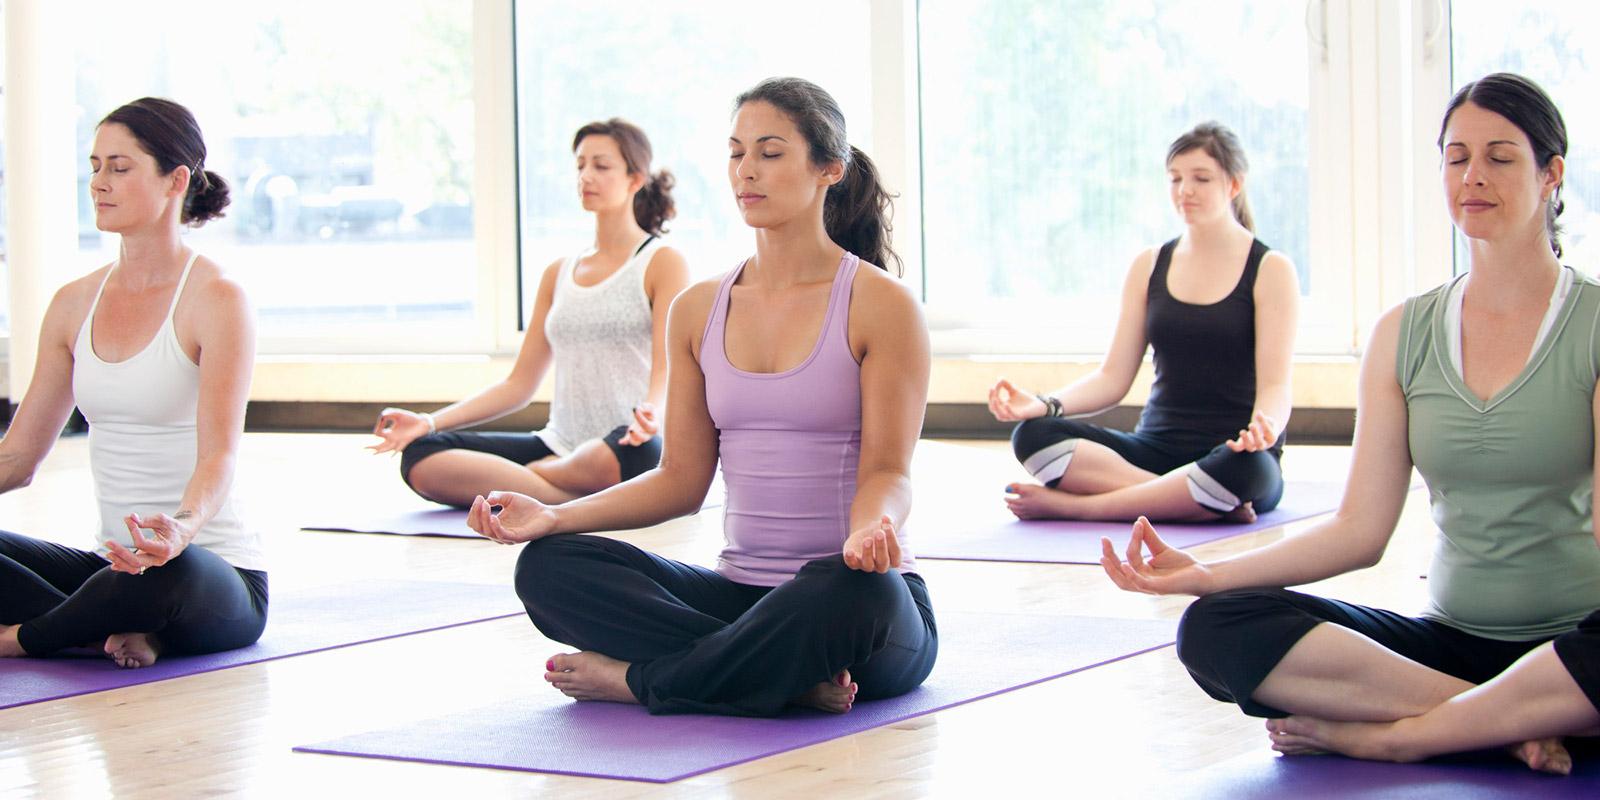 mujeres sentadas con las piernas cruzadas y los ojos cerrados sobre tapetes de yoga